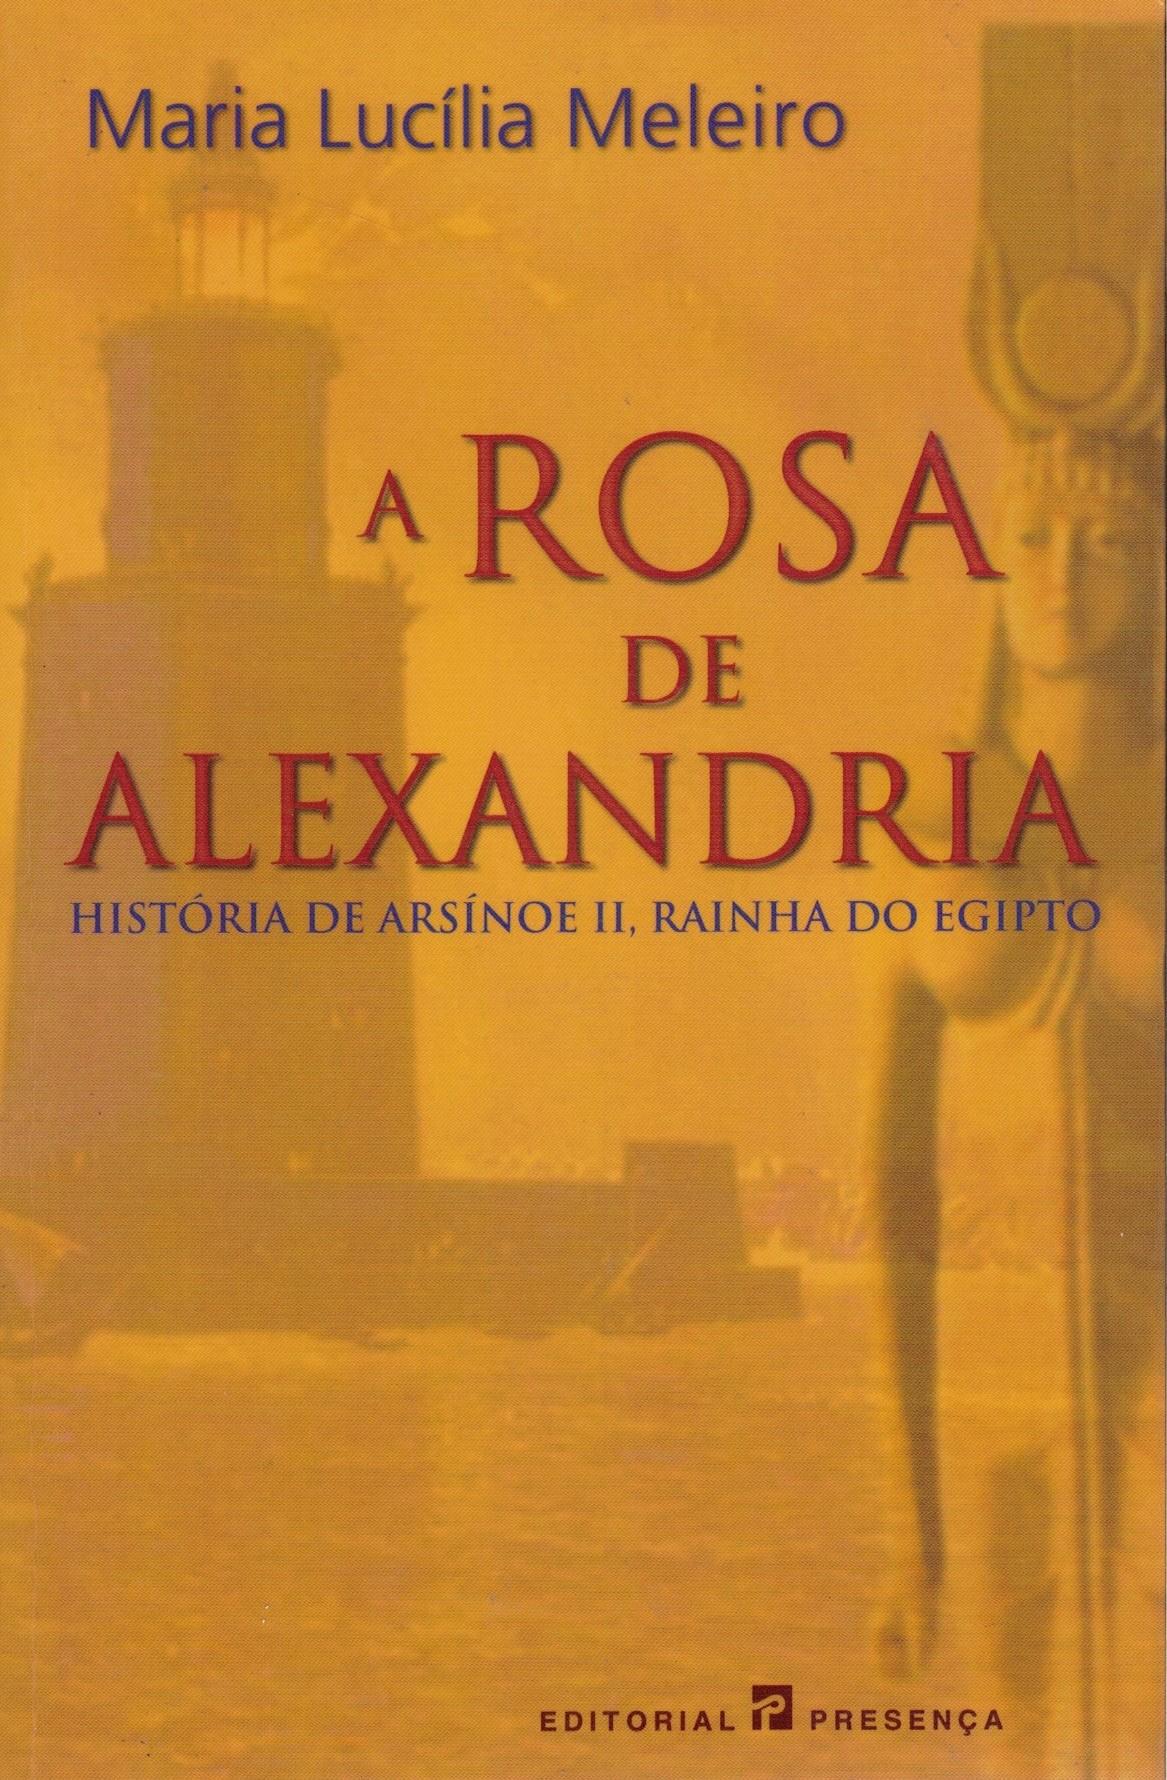 A Rosa de Alexandria de Maria Lucília Meleiro